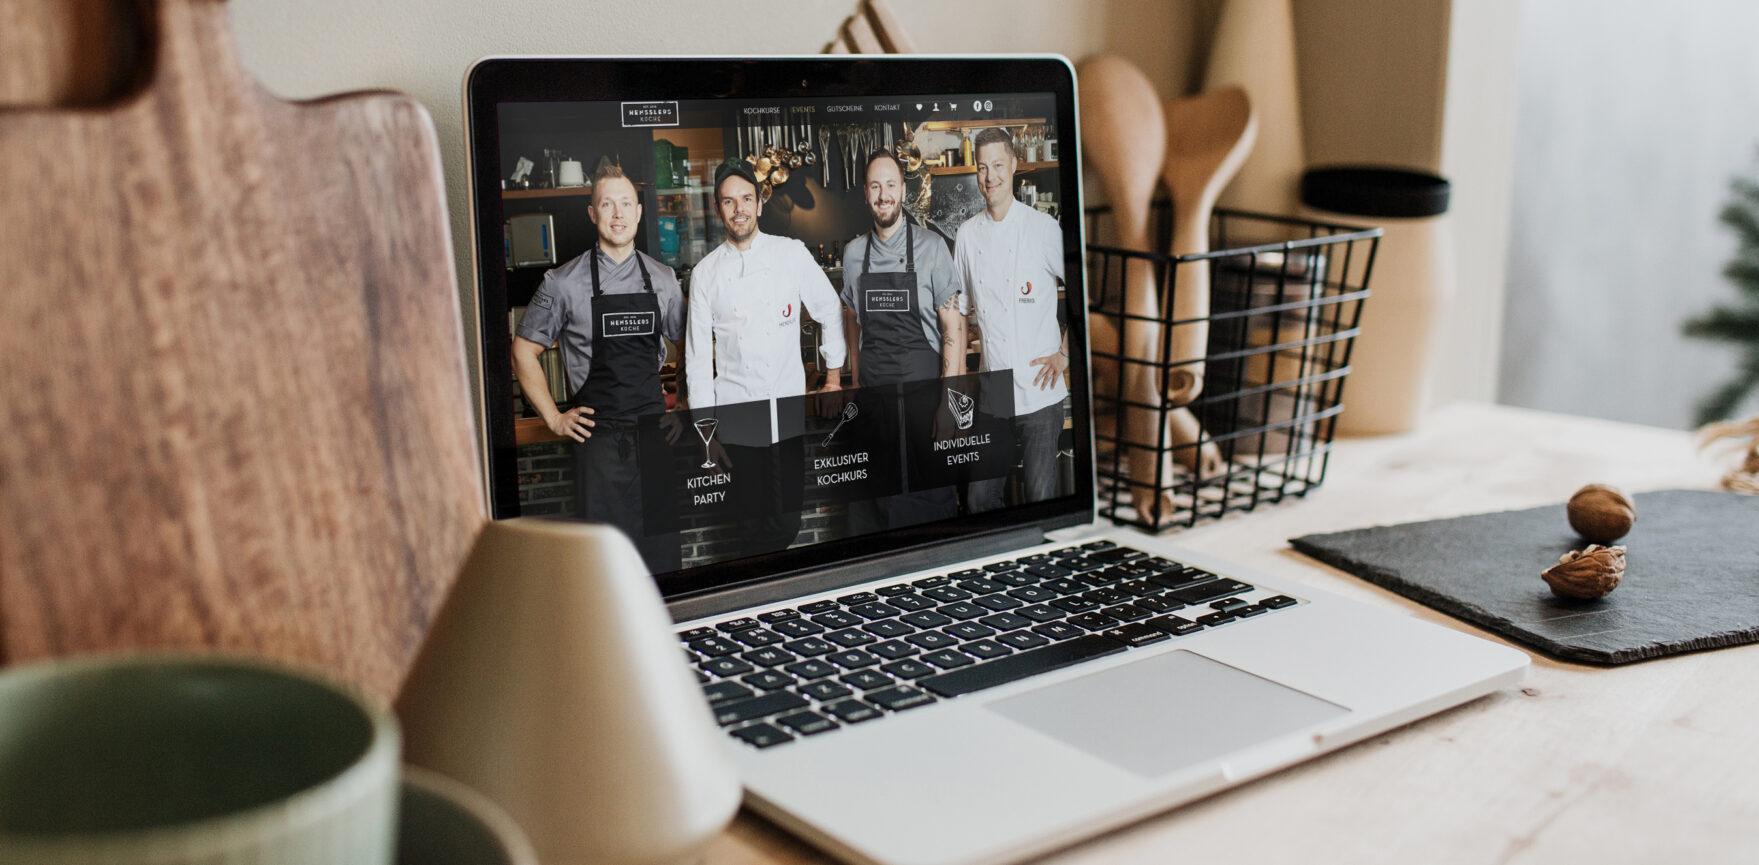 Steffen Henssler und Hensslers Kueche Crew auf Laptop